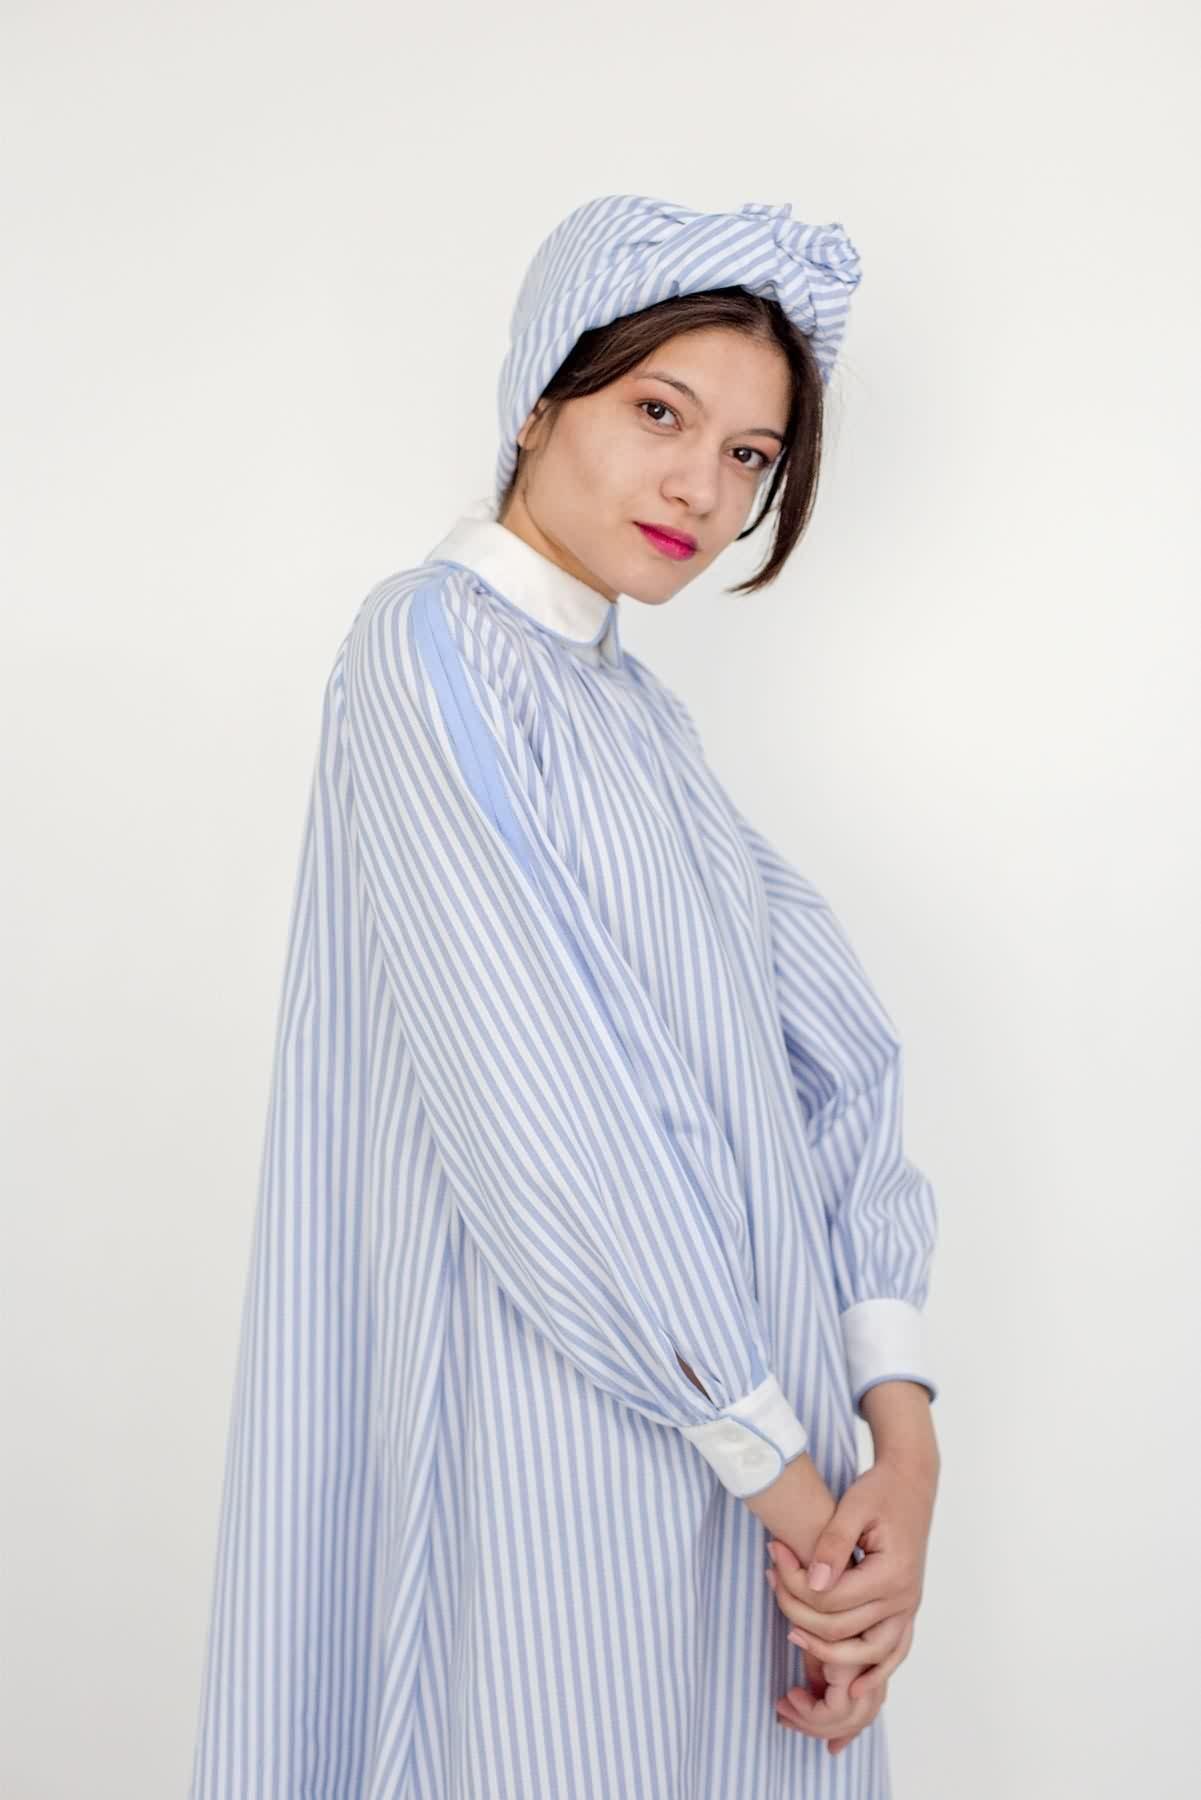 Mevra - Biyeli Poplin Çizgili Elbise Açık Mavi